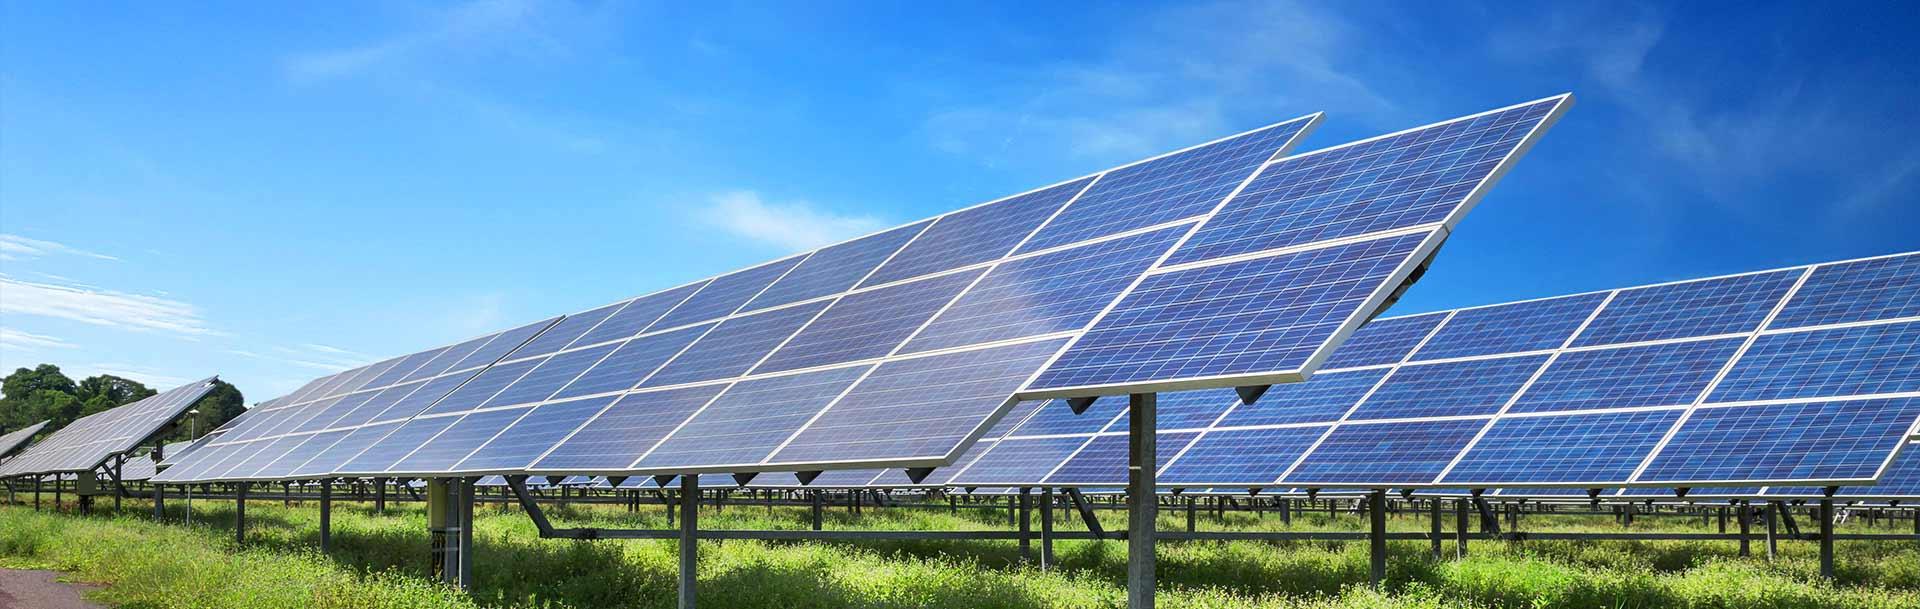 Realizzazione impianti fotovoltaici a Roma - Equadro